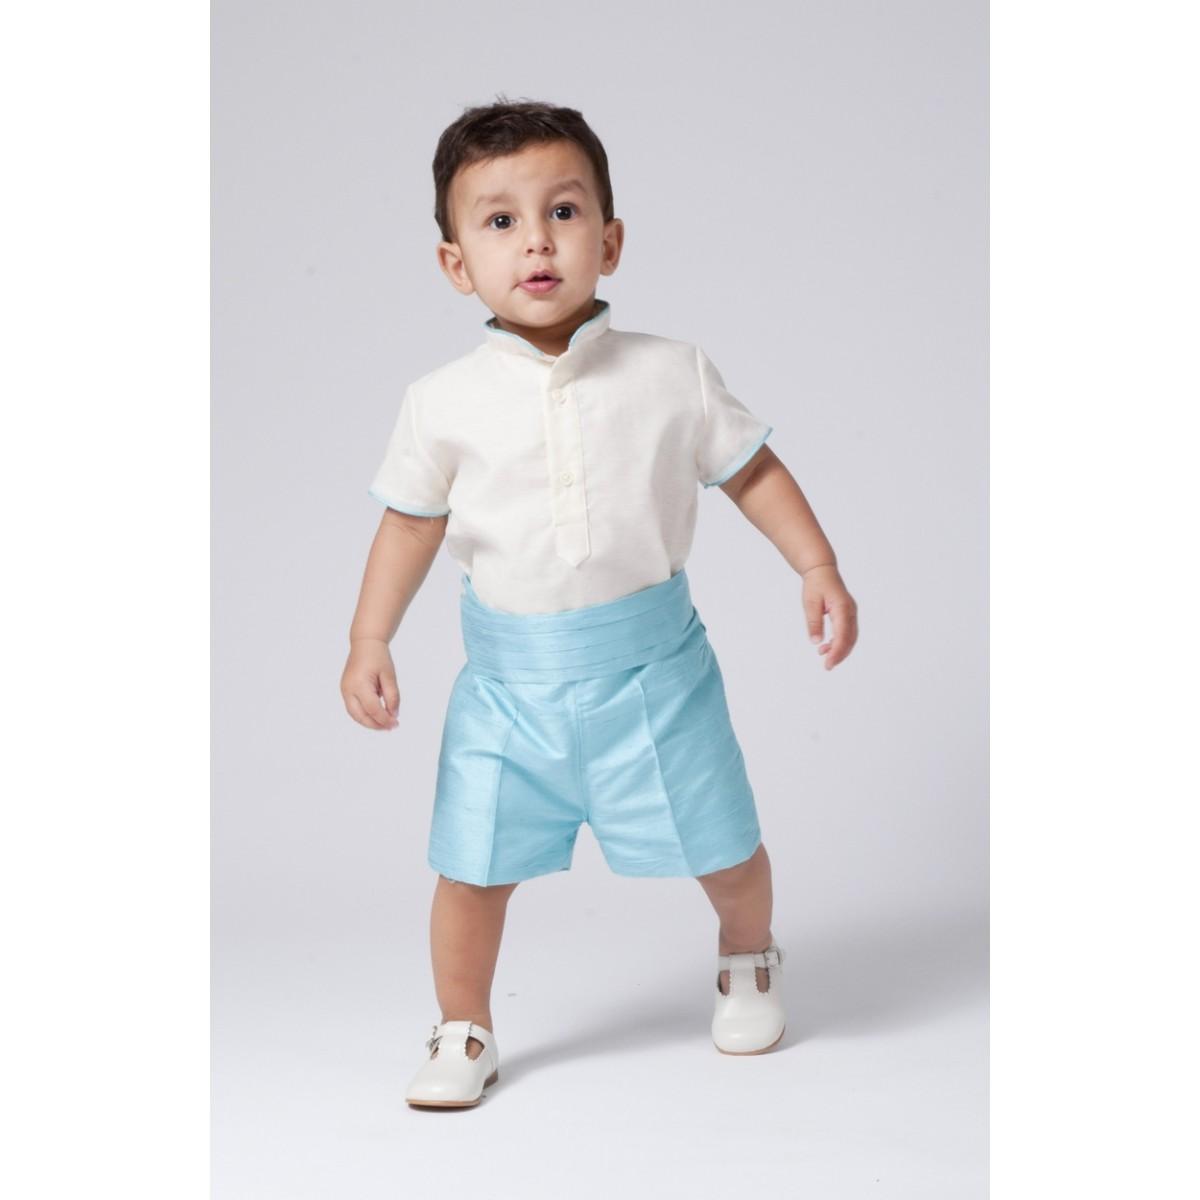 5cf0dc794 Ocasión especial - Golositos Ropa Infantil